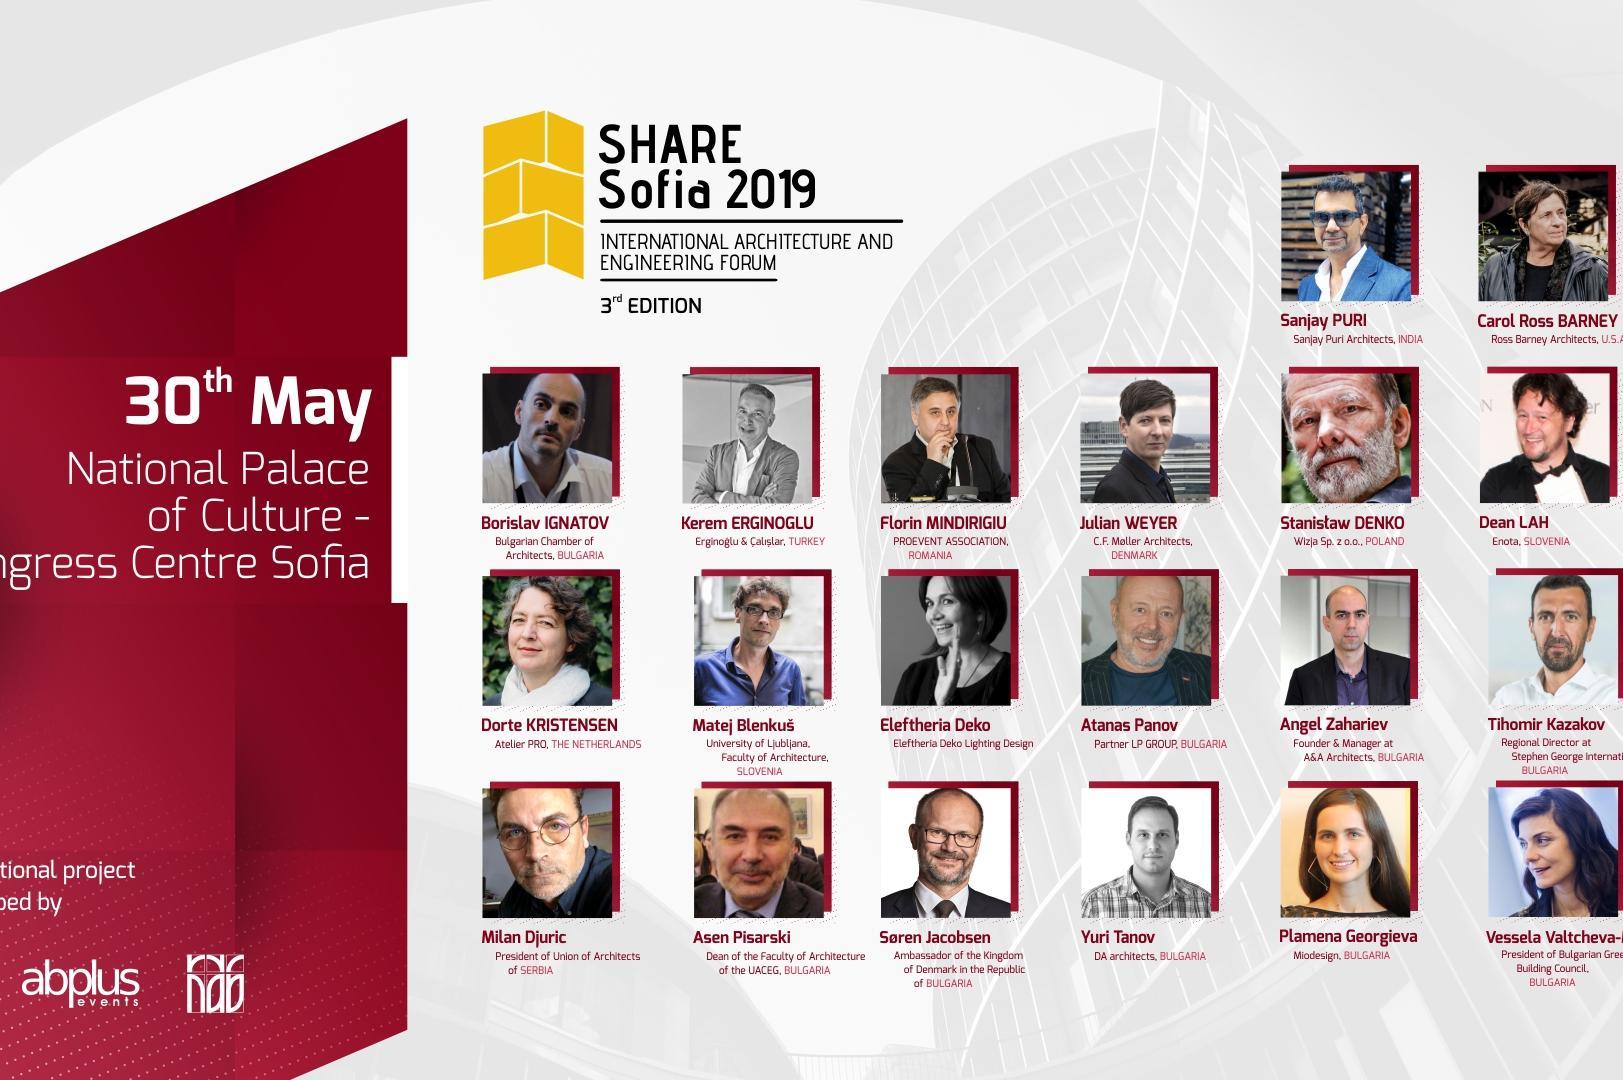 Share Sofia архитектурен форум